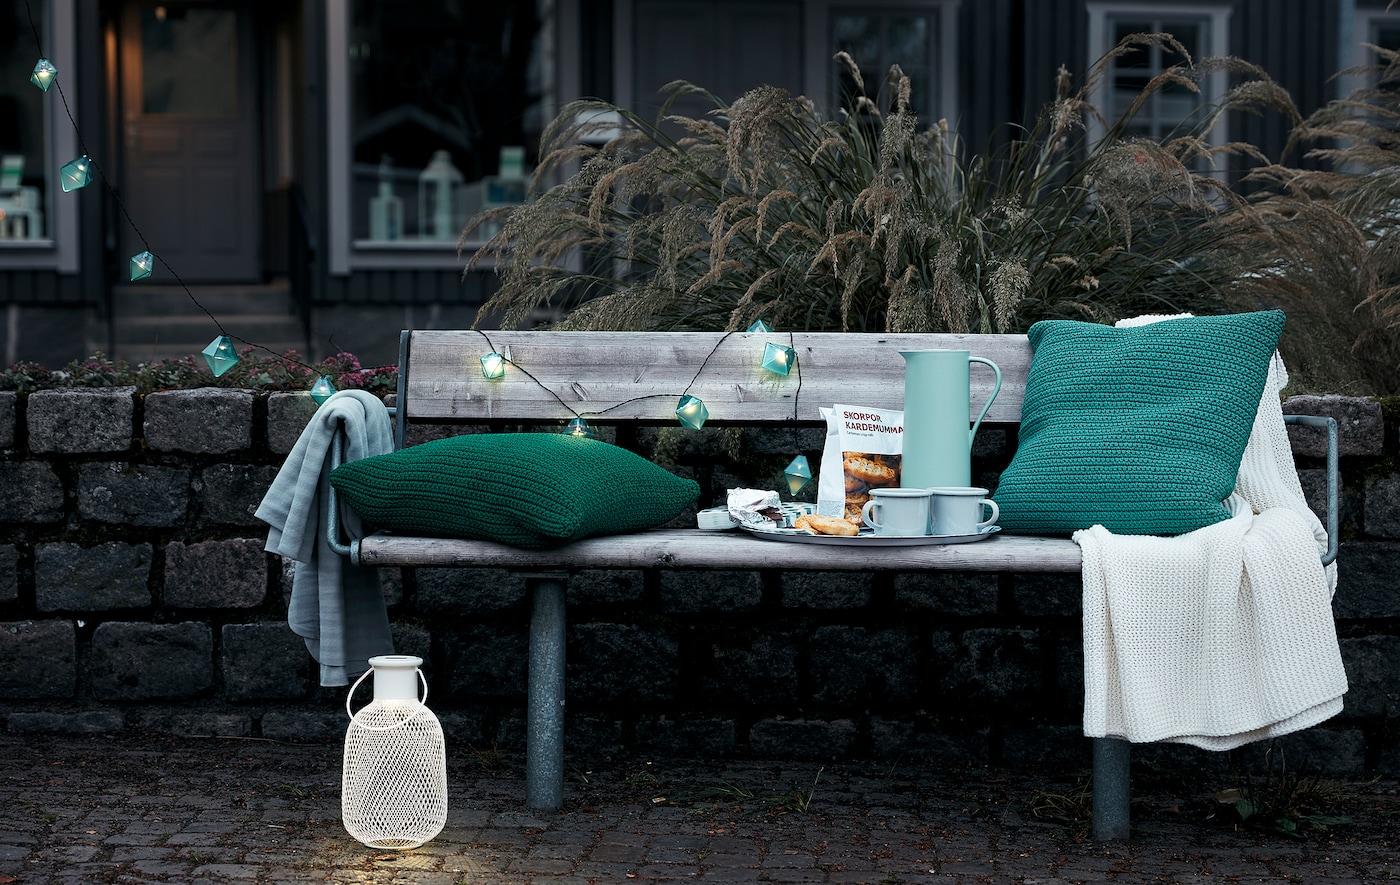 Spațiu exterior într-un cadru urban, la începutul serii, cu o bancă publică pe care se află o tavă cu cafea, perne de șezut, o pătură și lumini decorative.